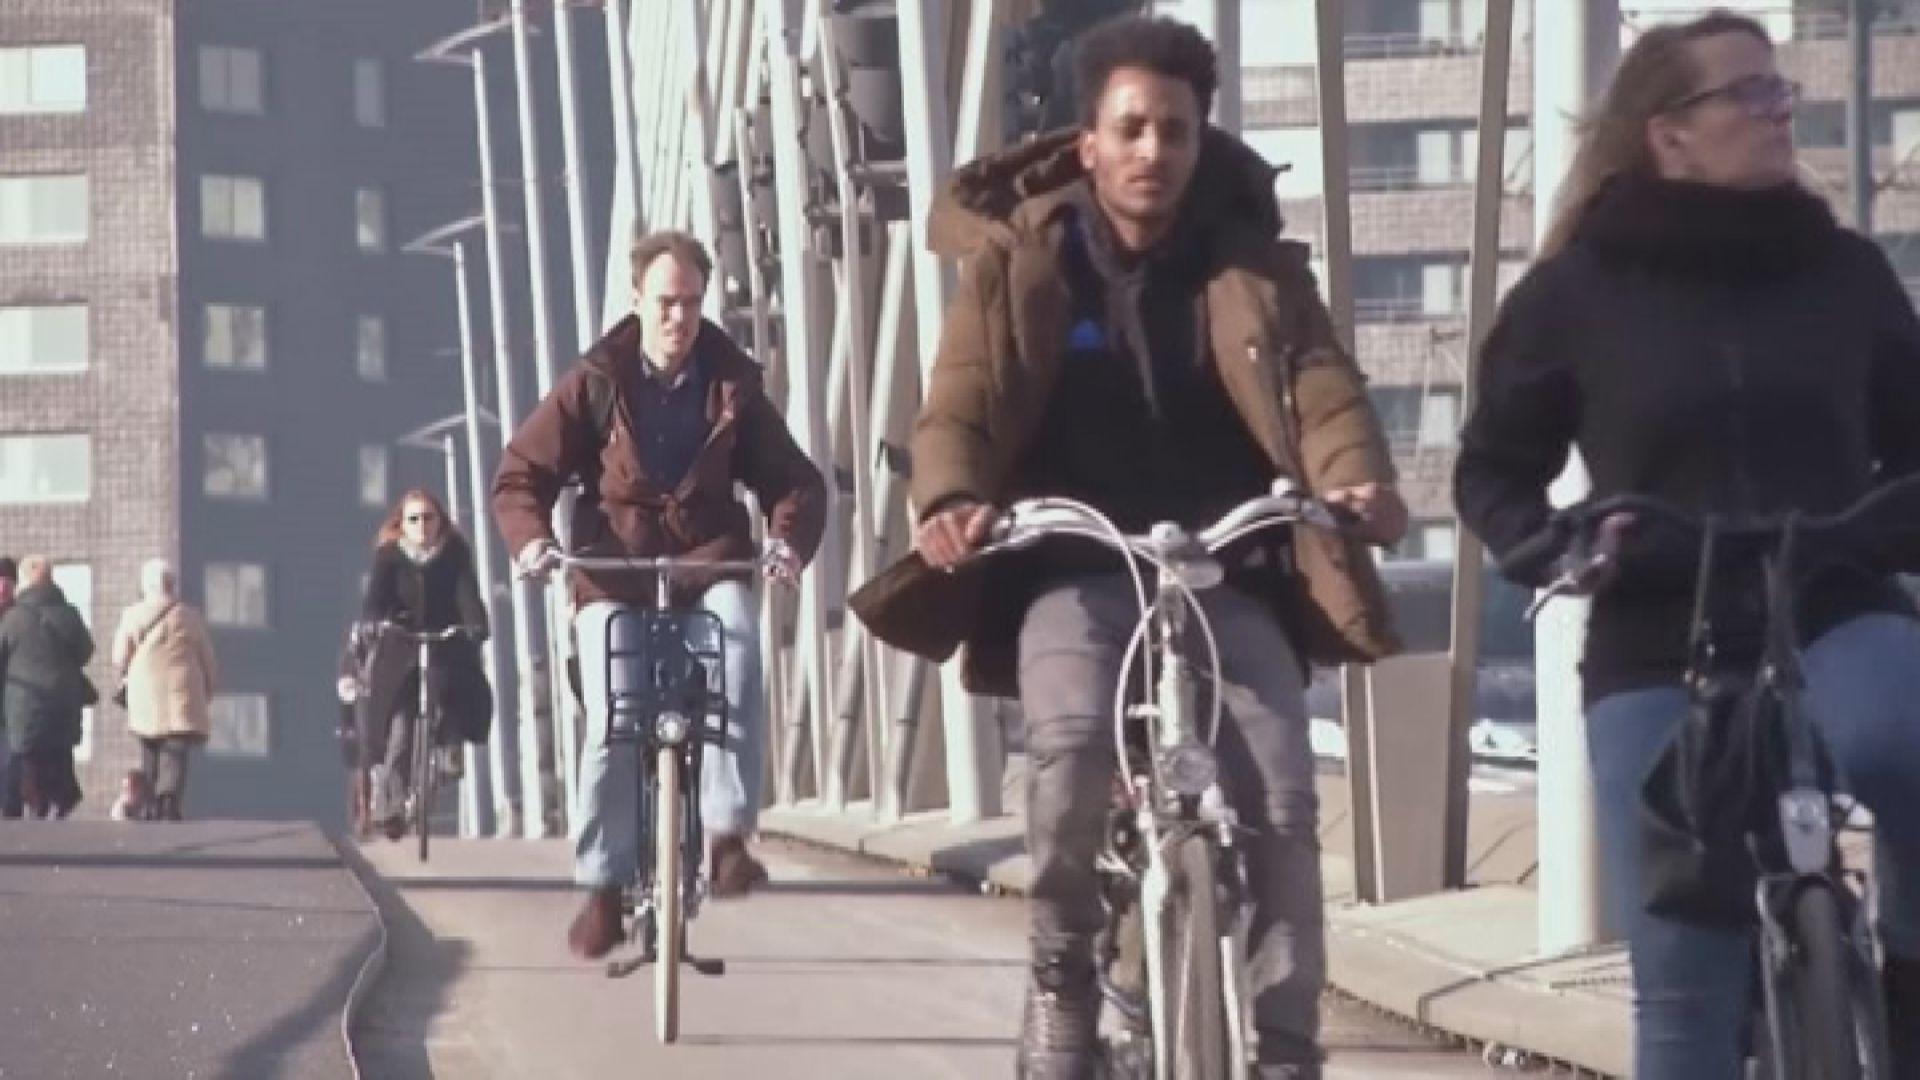 【環球薈報】荷蘭投放三億歐元推廣使用單車